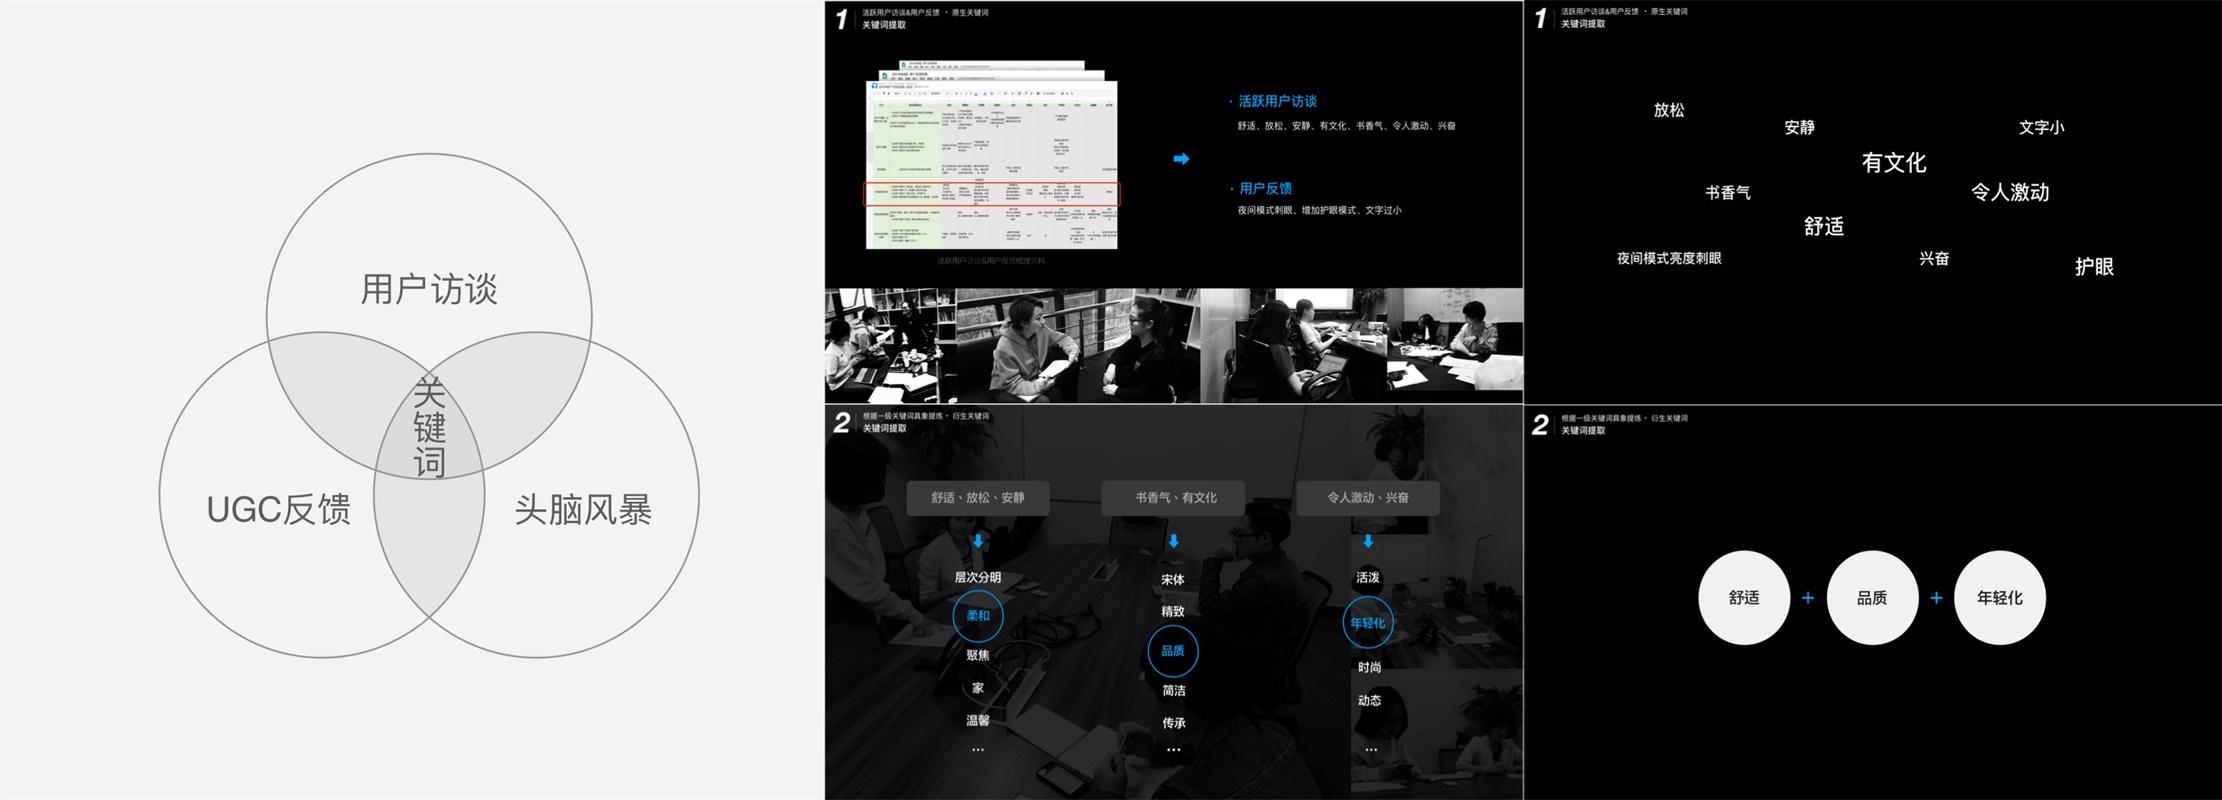 大厂是如何做改版设计的?来看QQ阅读7.0 的总结!